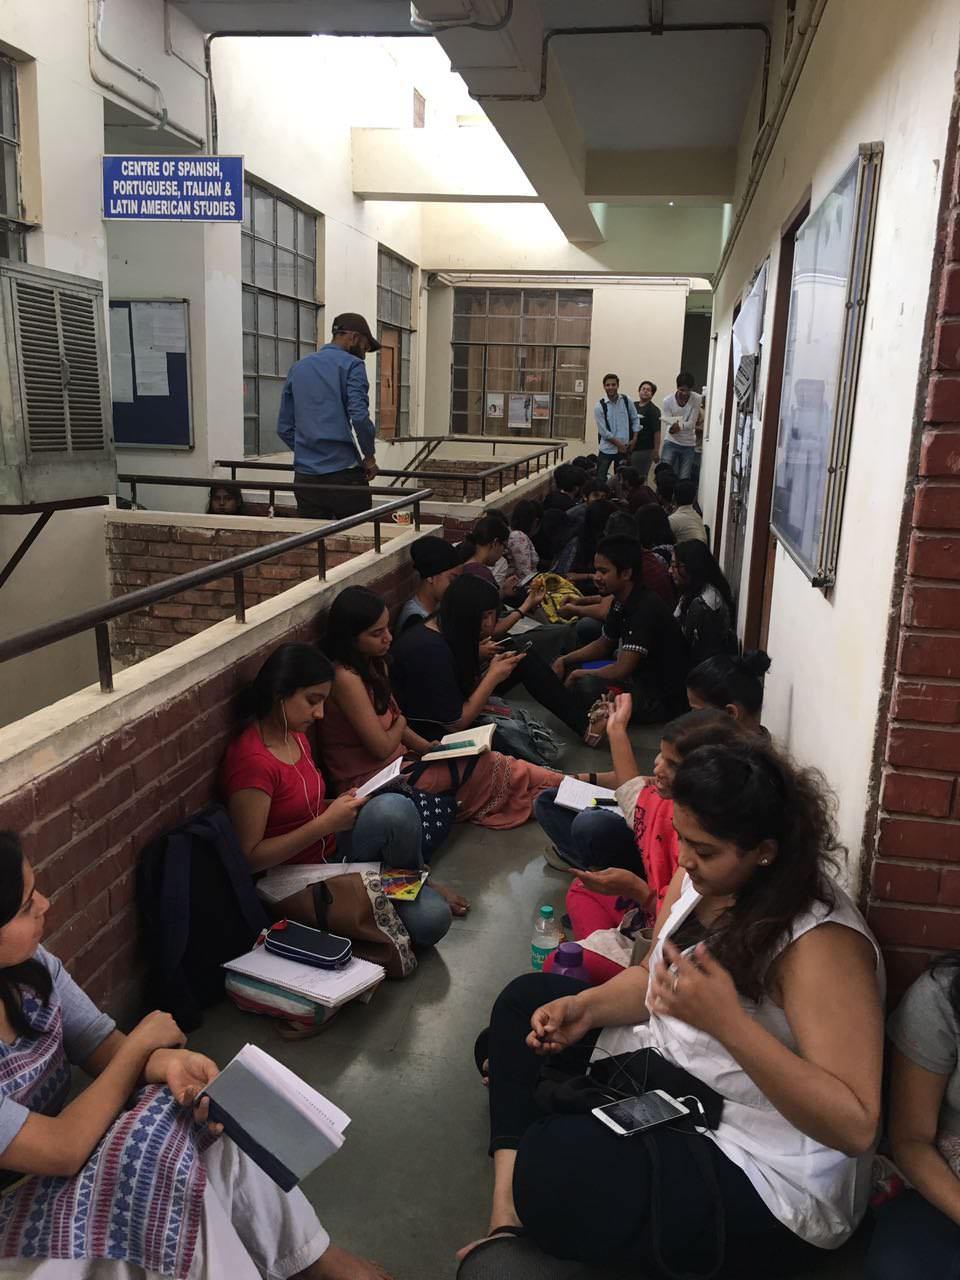 尼赫魯大學再陷衝突:極右派領導下的印度,「被消失」的異議聲音